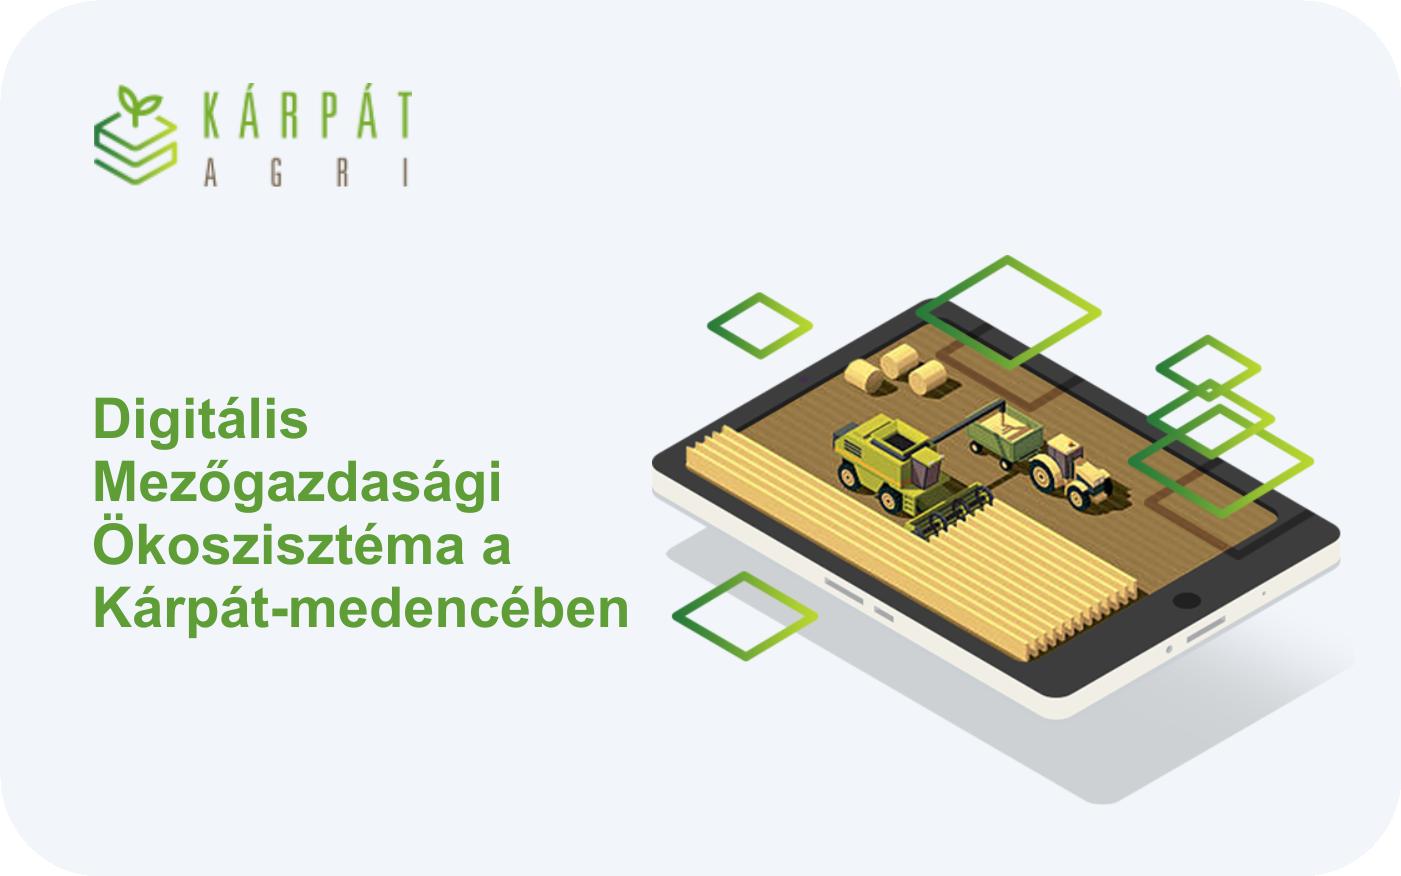 karpat-agri2-gut